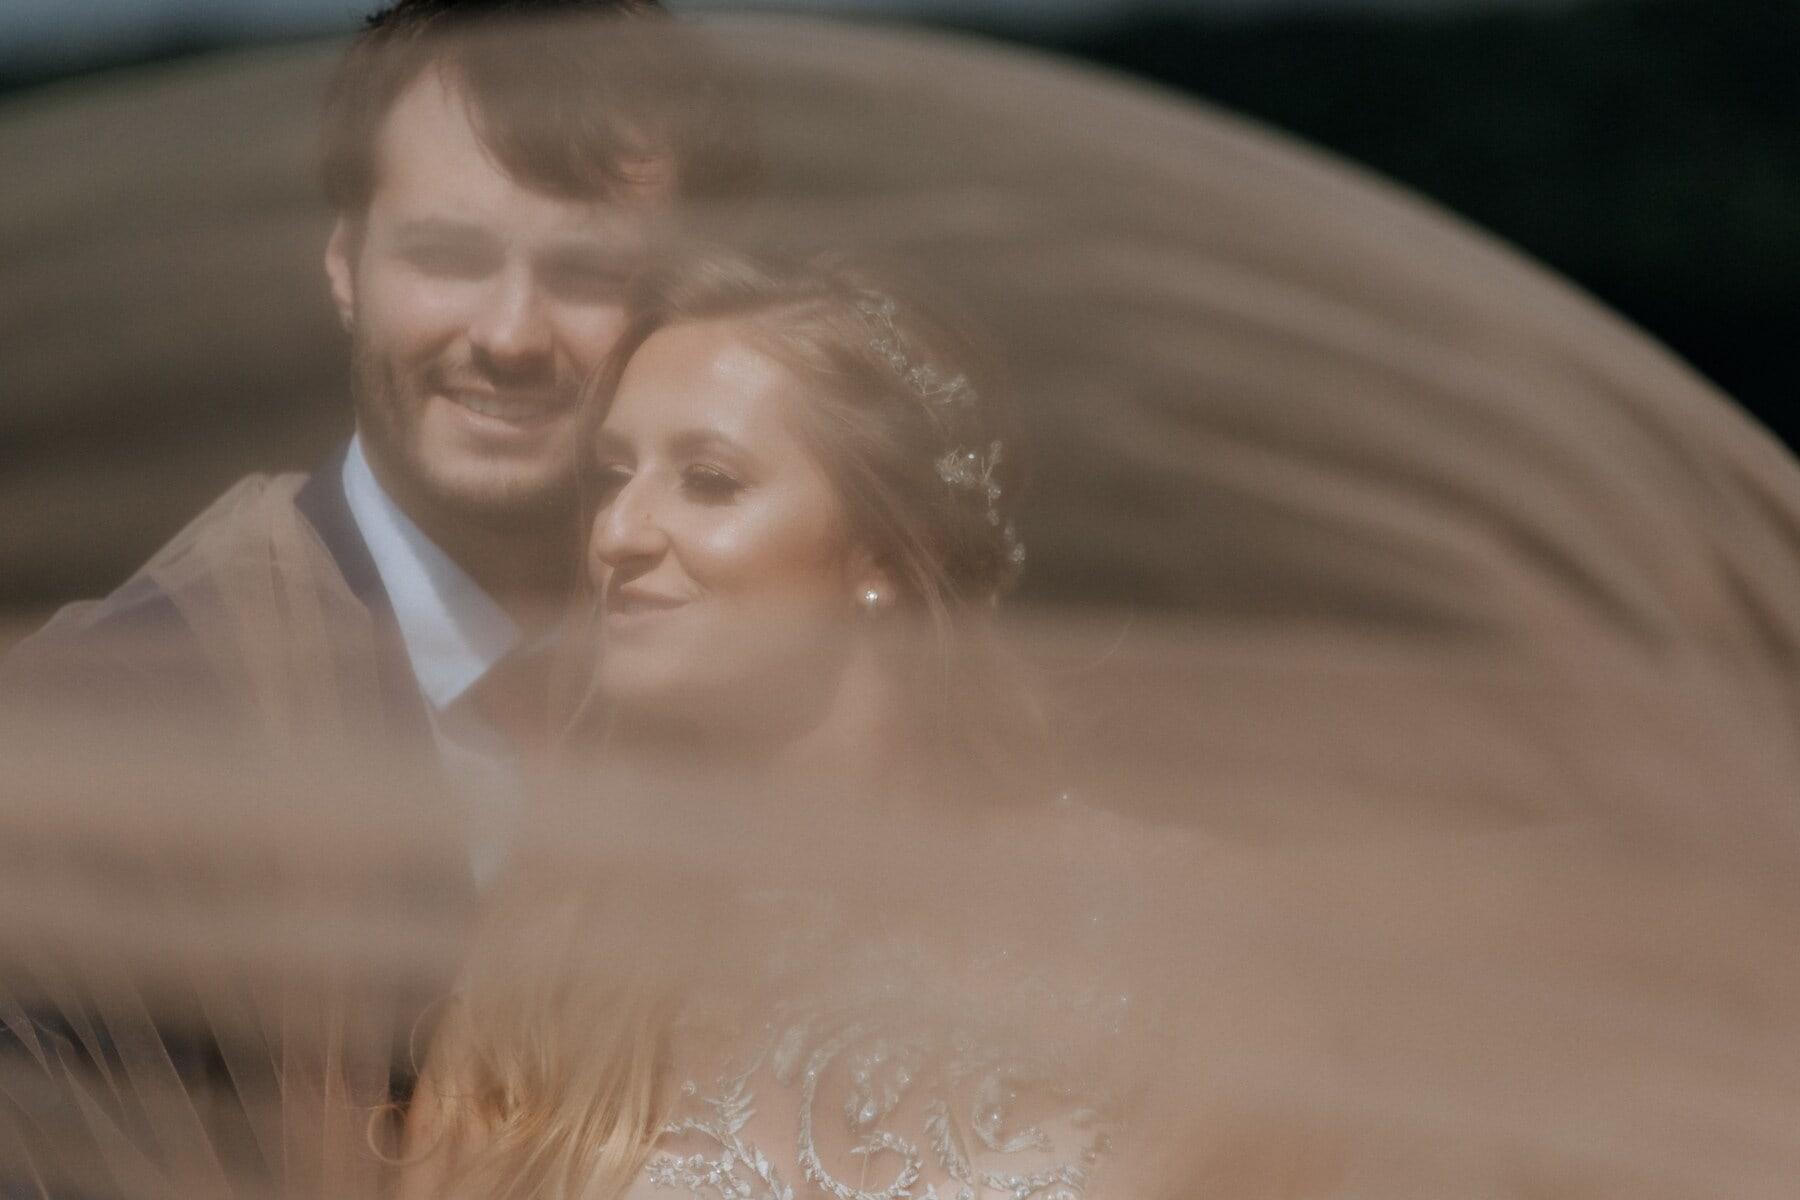 boyfriend, girlfriend, underneath, veil, love, woman, bride, groom, man, people